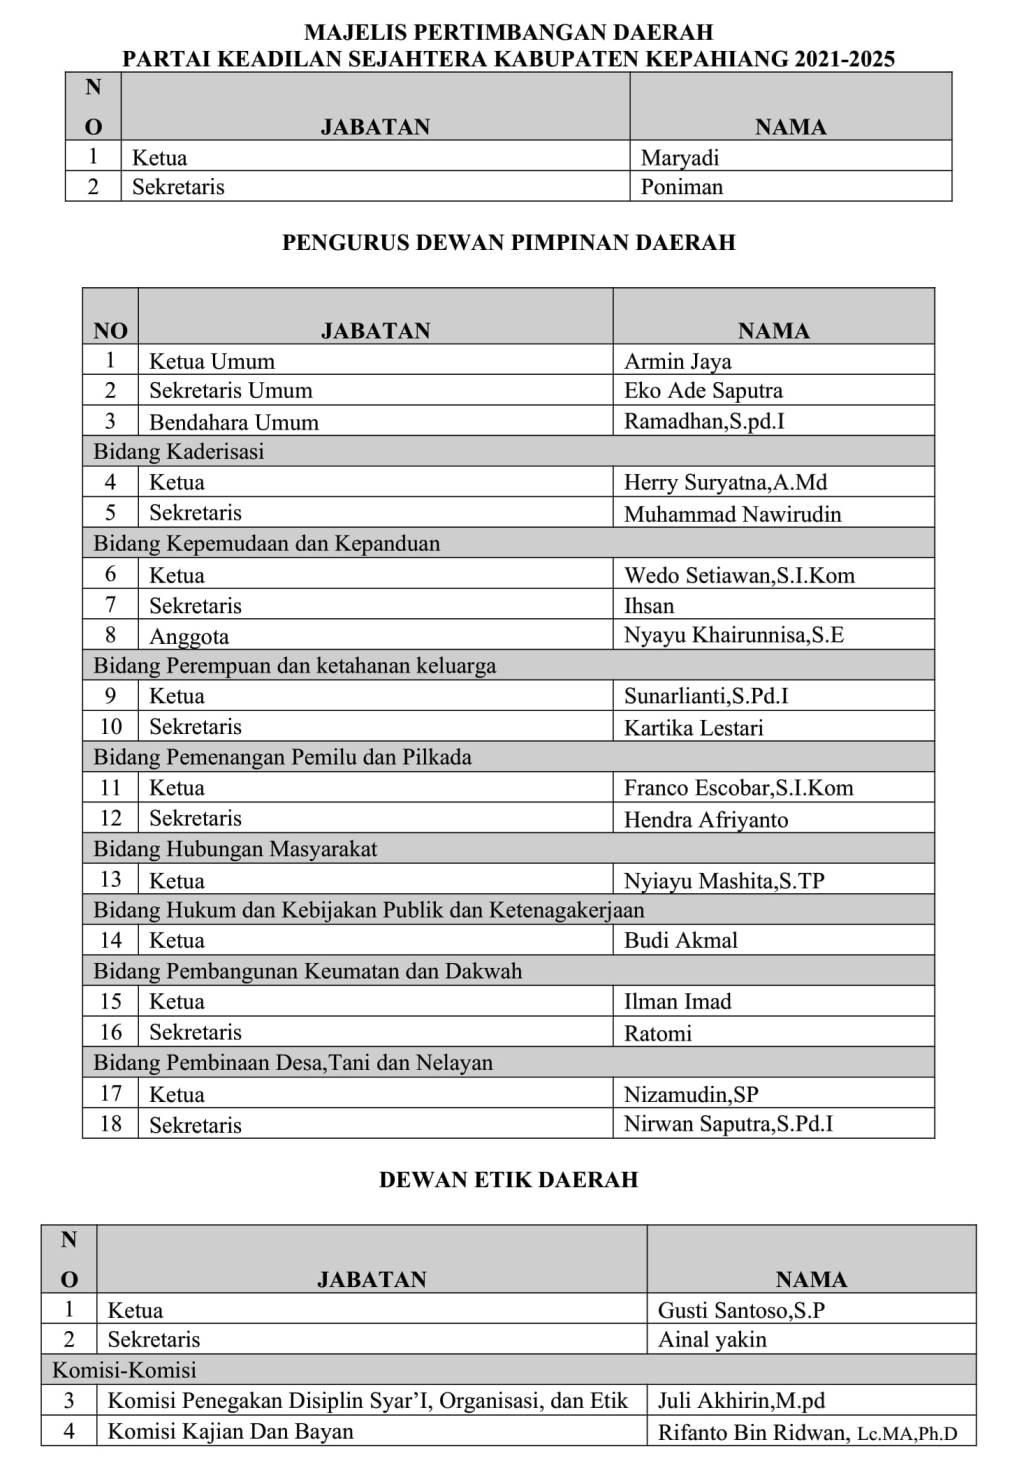 Pengurus PKS Kepahiang 2021-2025